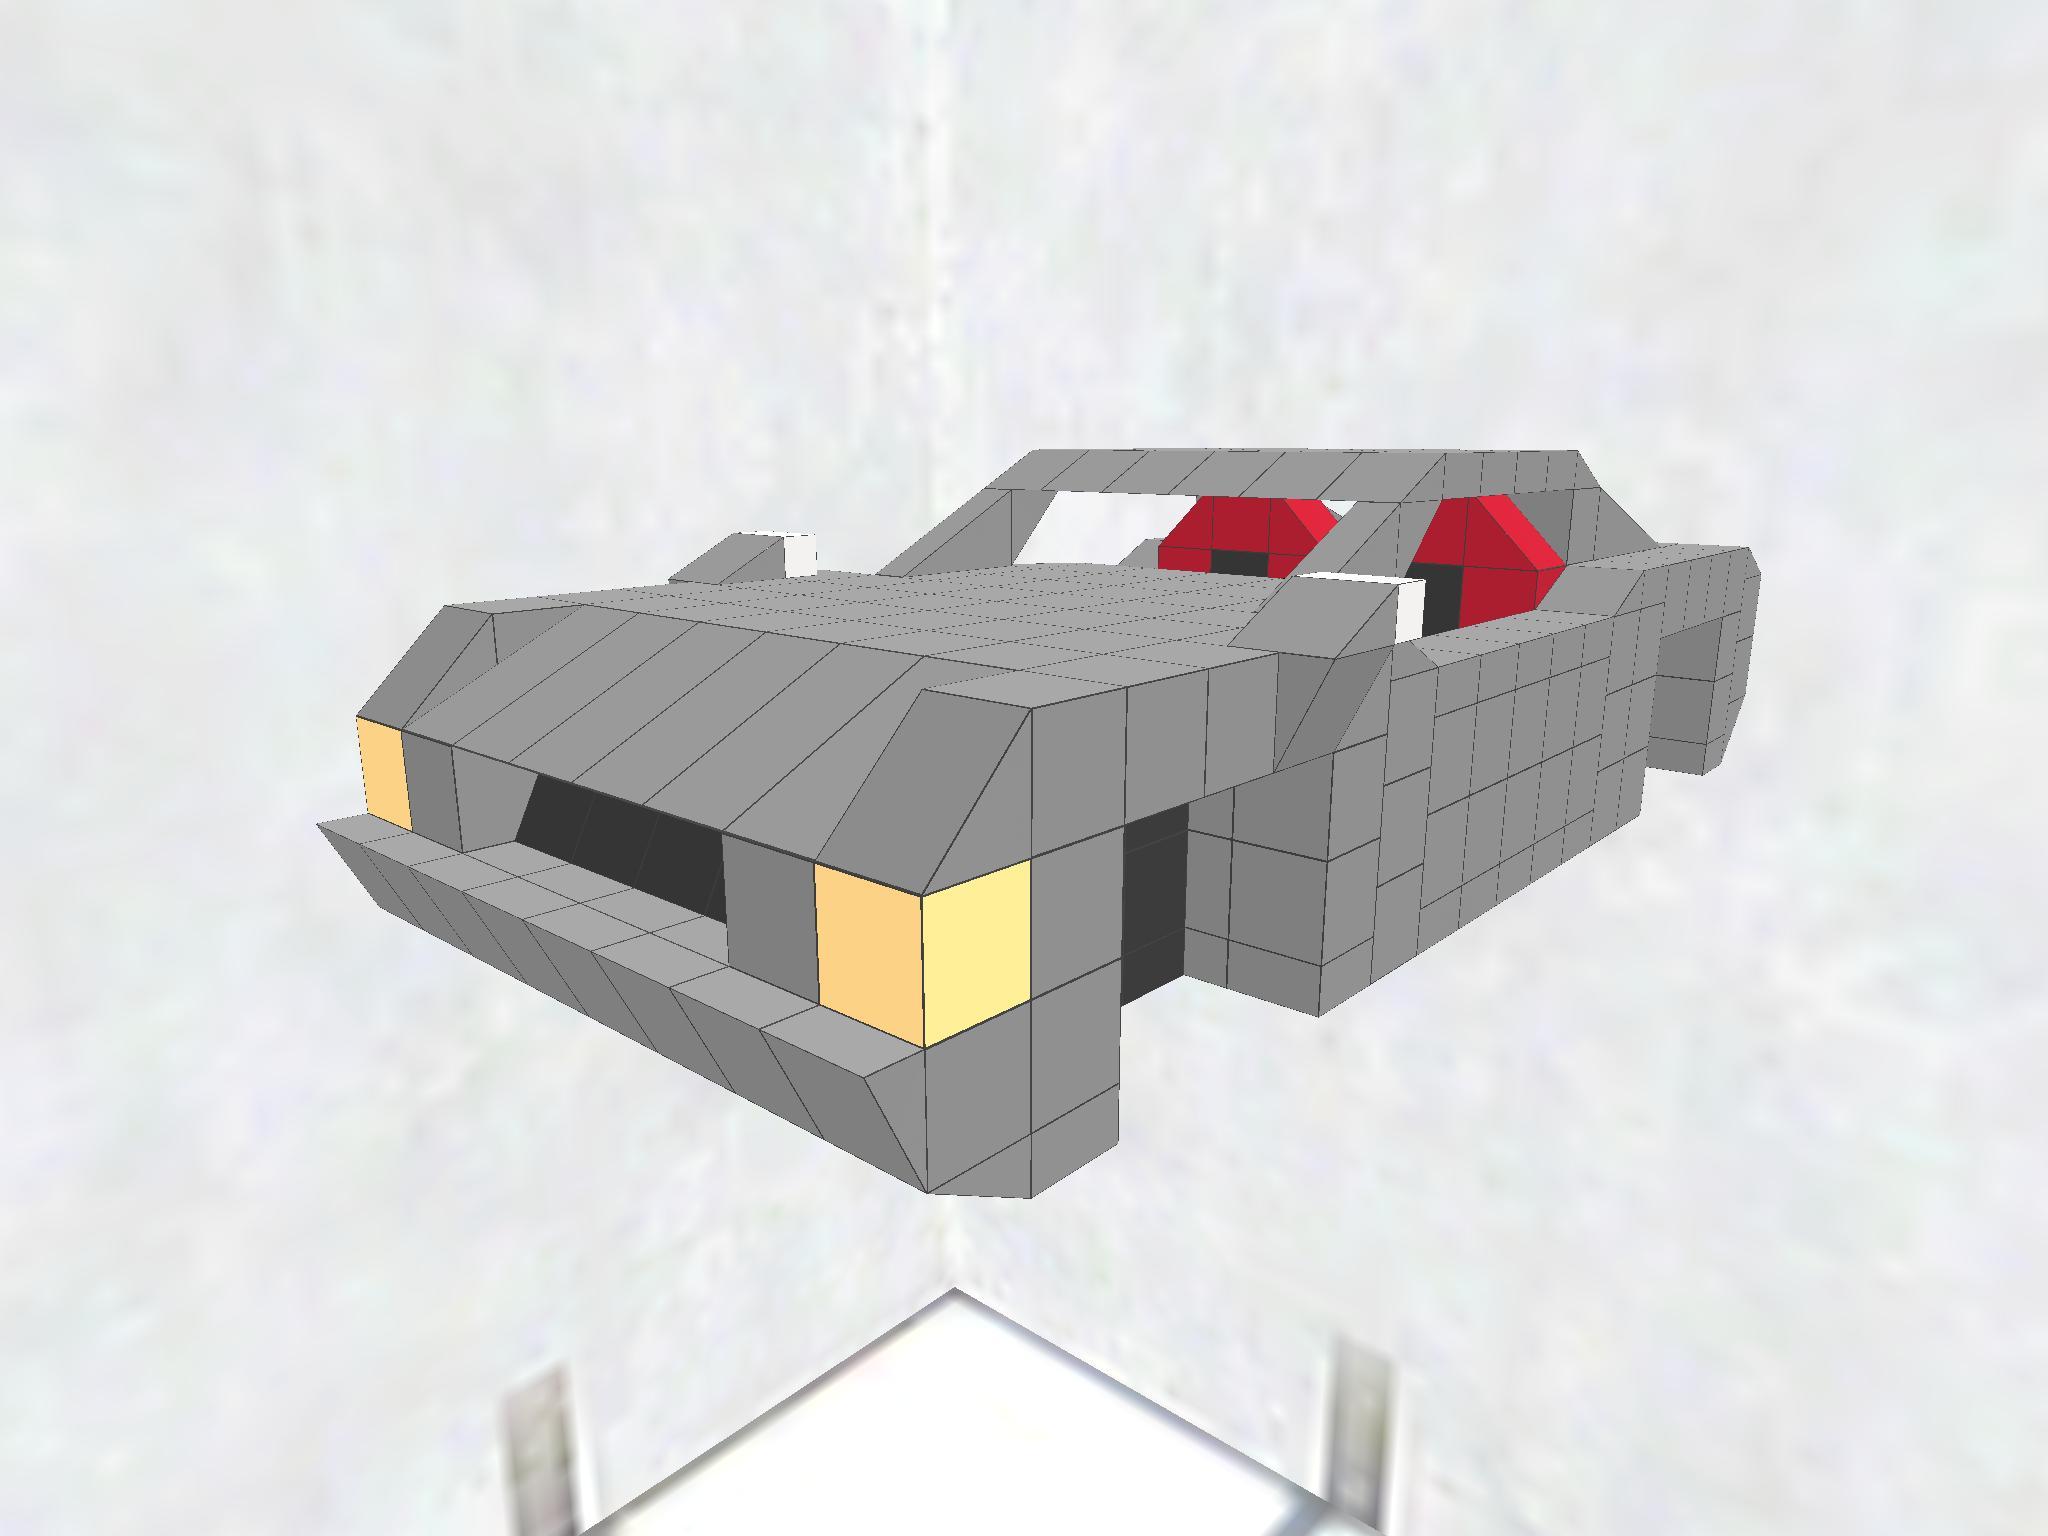 [UPDATED]VecTrec Vector Cabrio